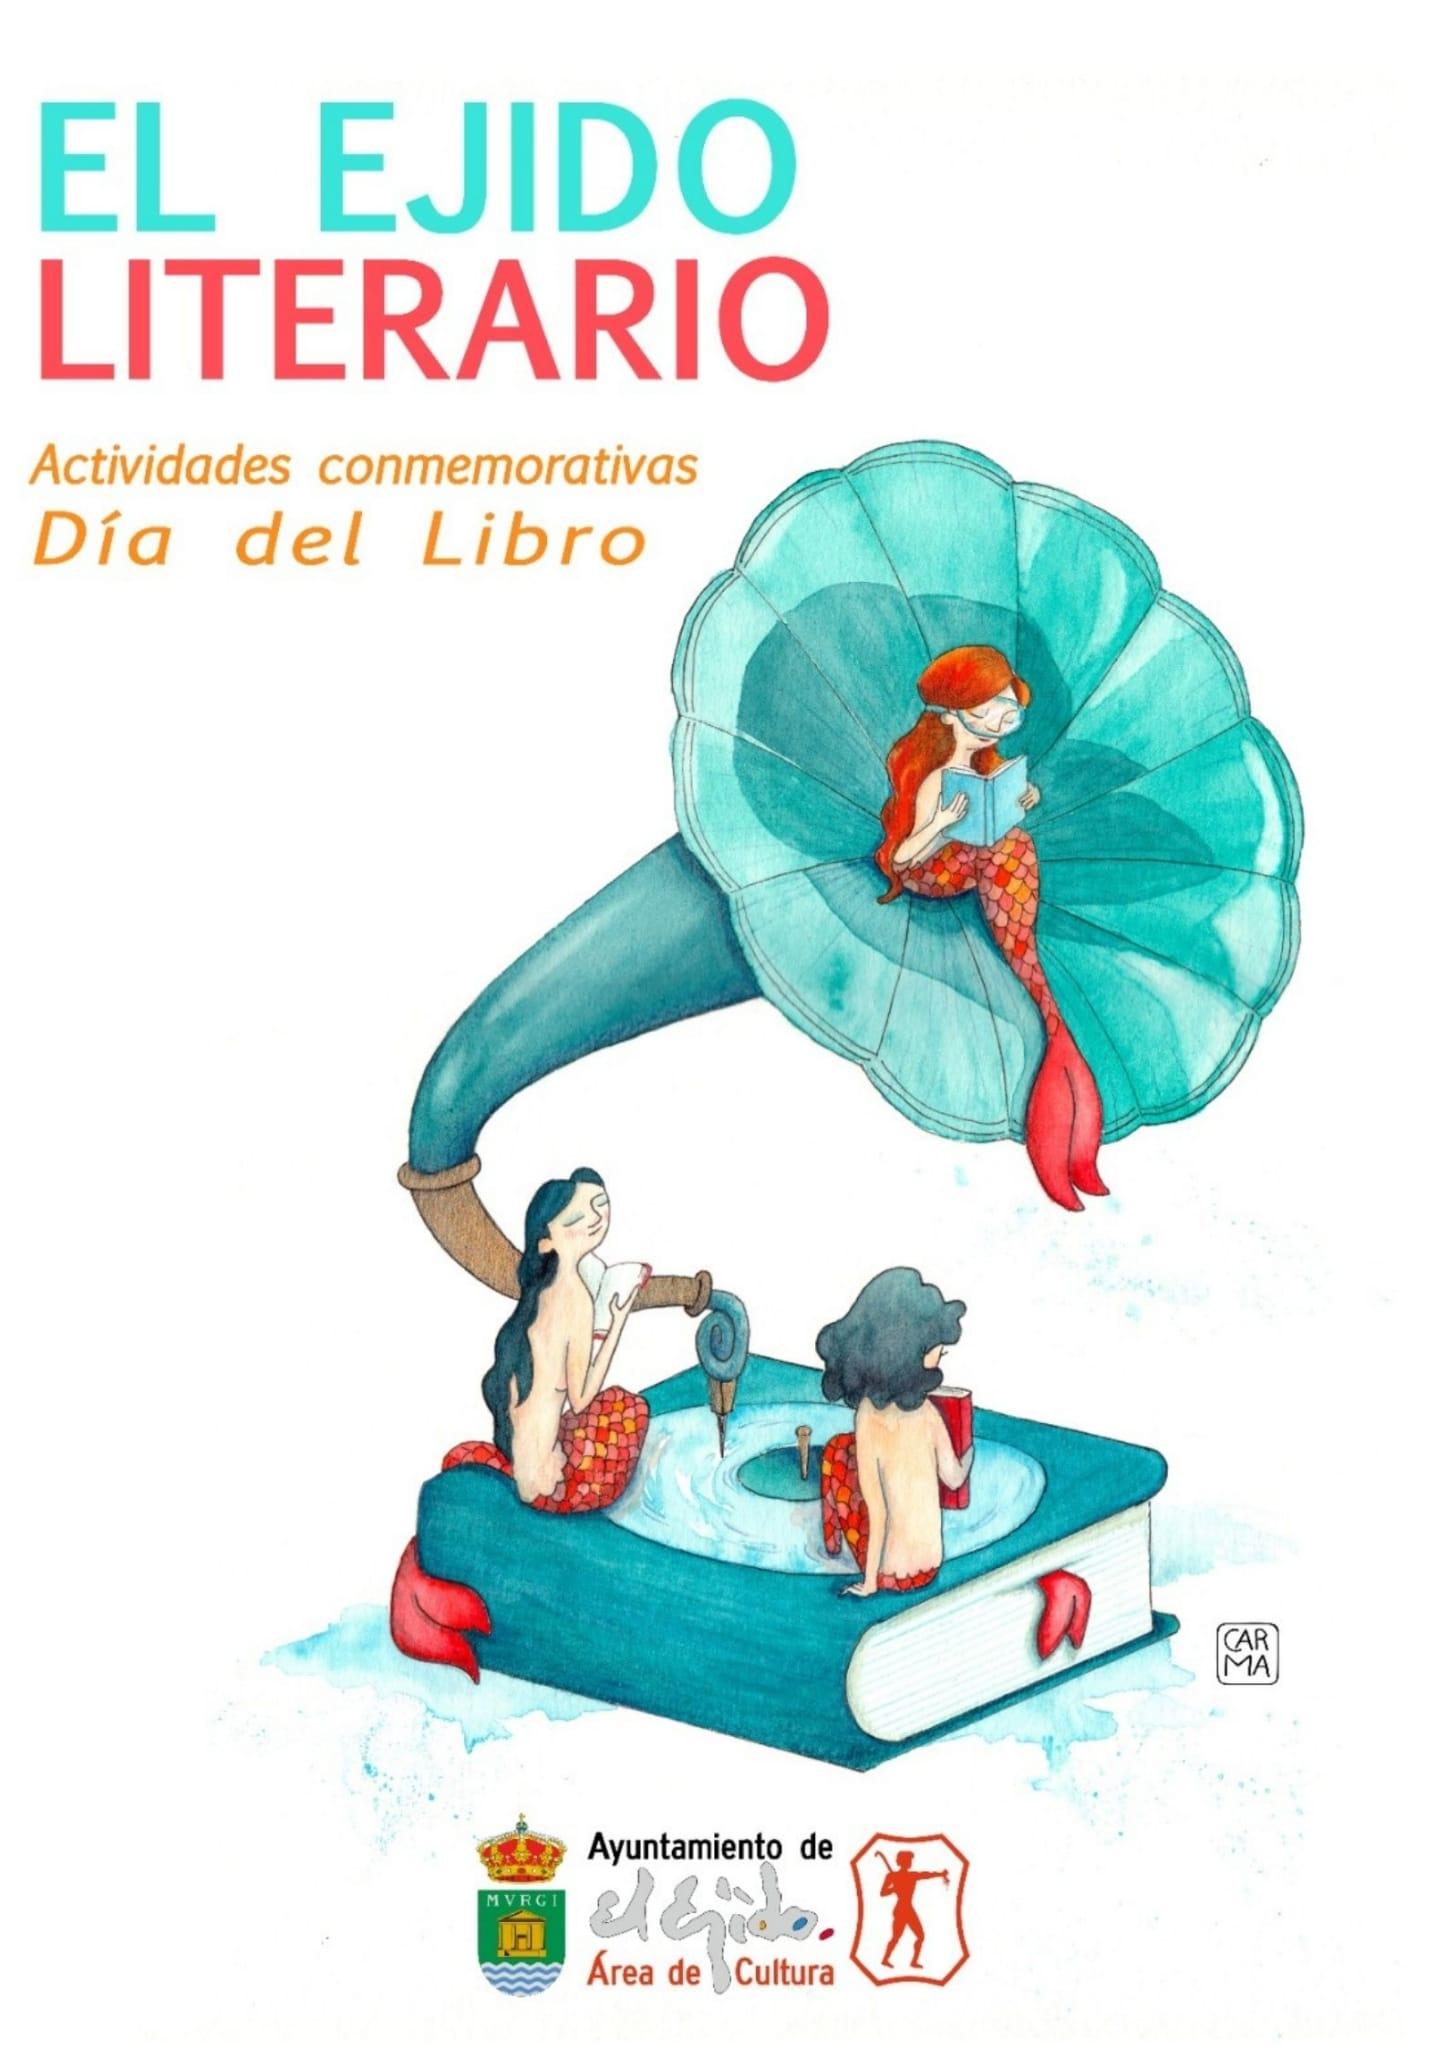 210409 Cartel El Ejido Literario Día del Libro